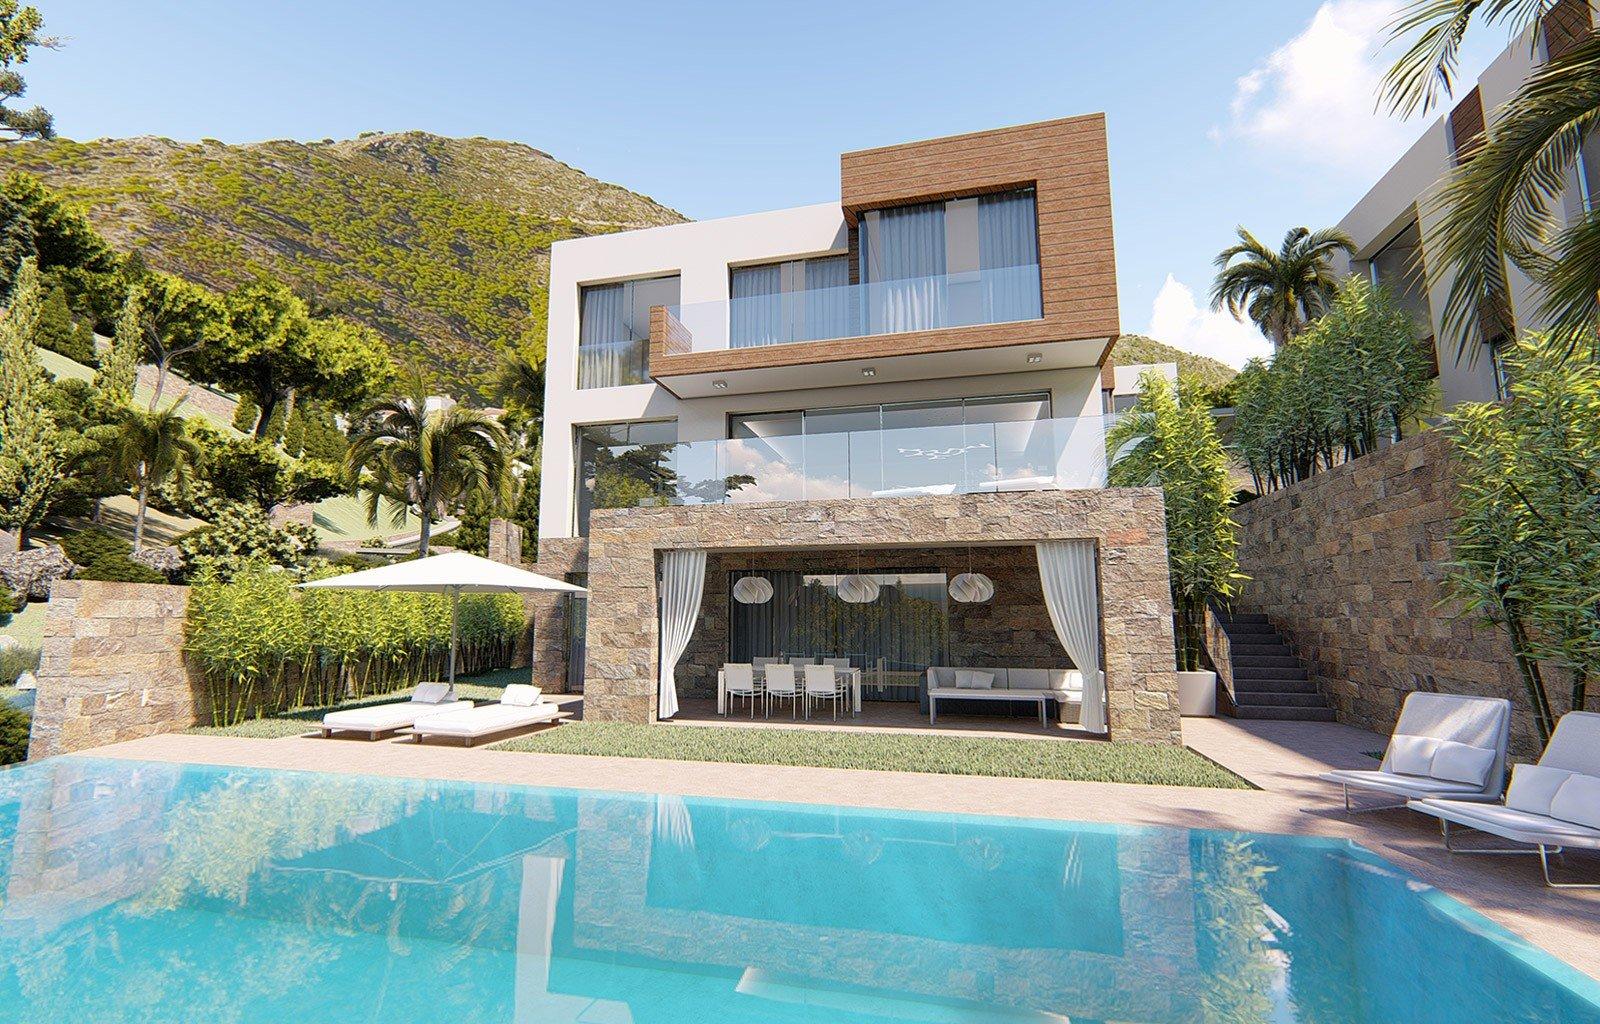 Villa for sale in Mijas, Mijas Pueblo